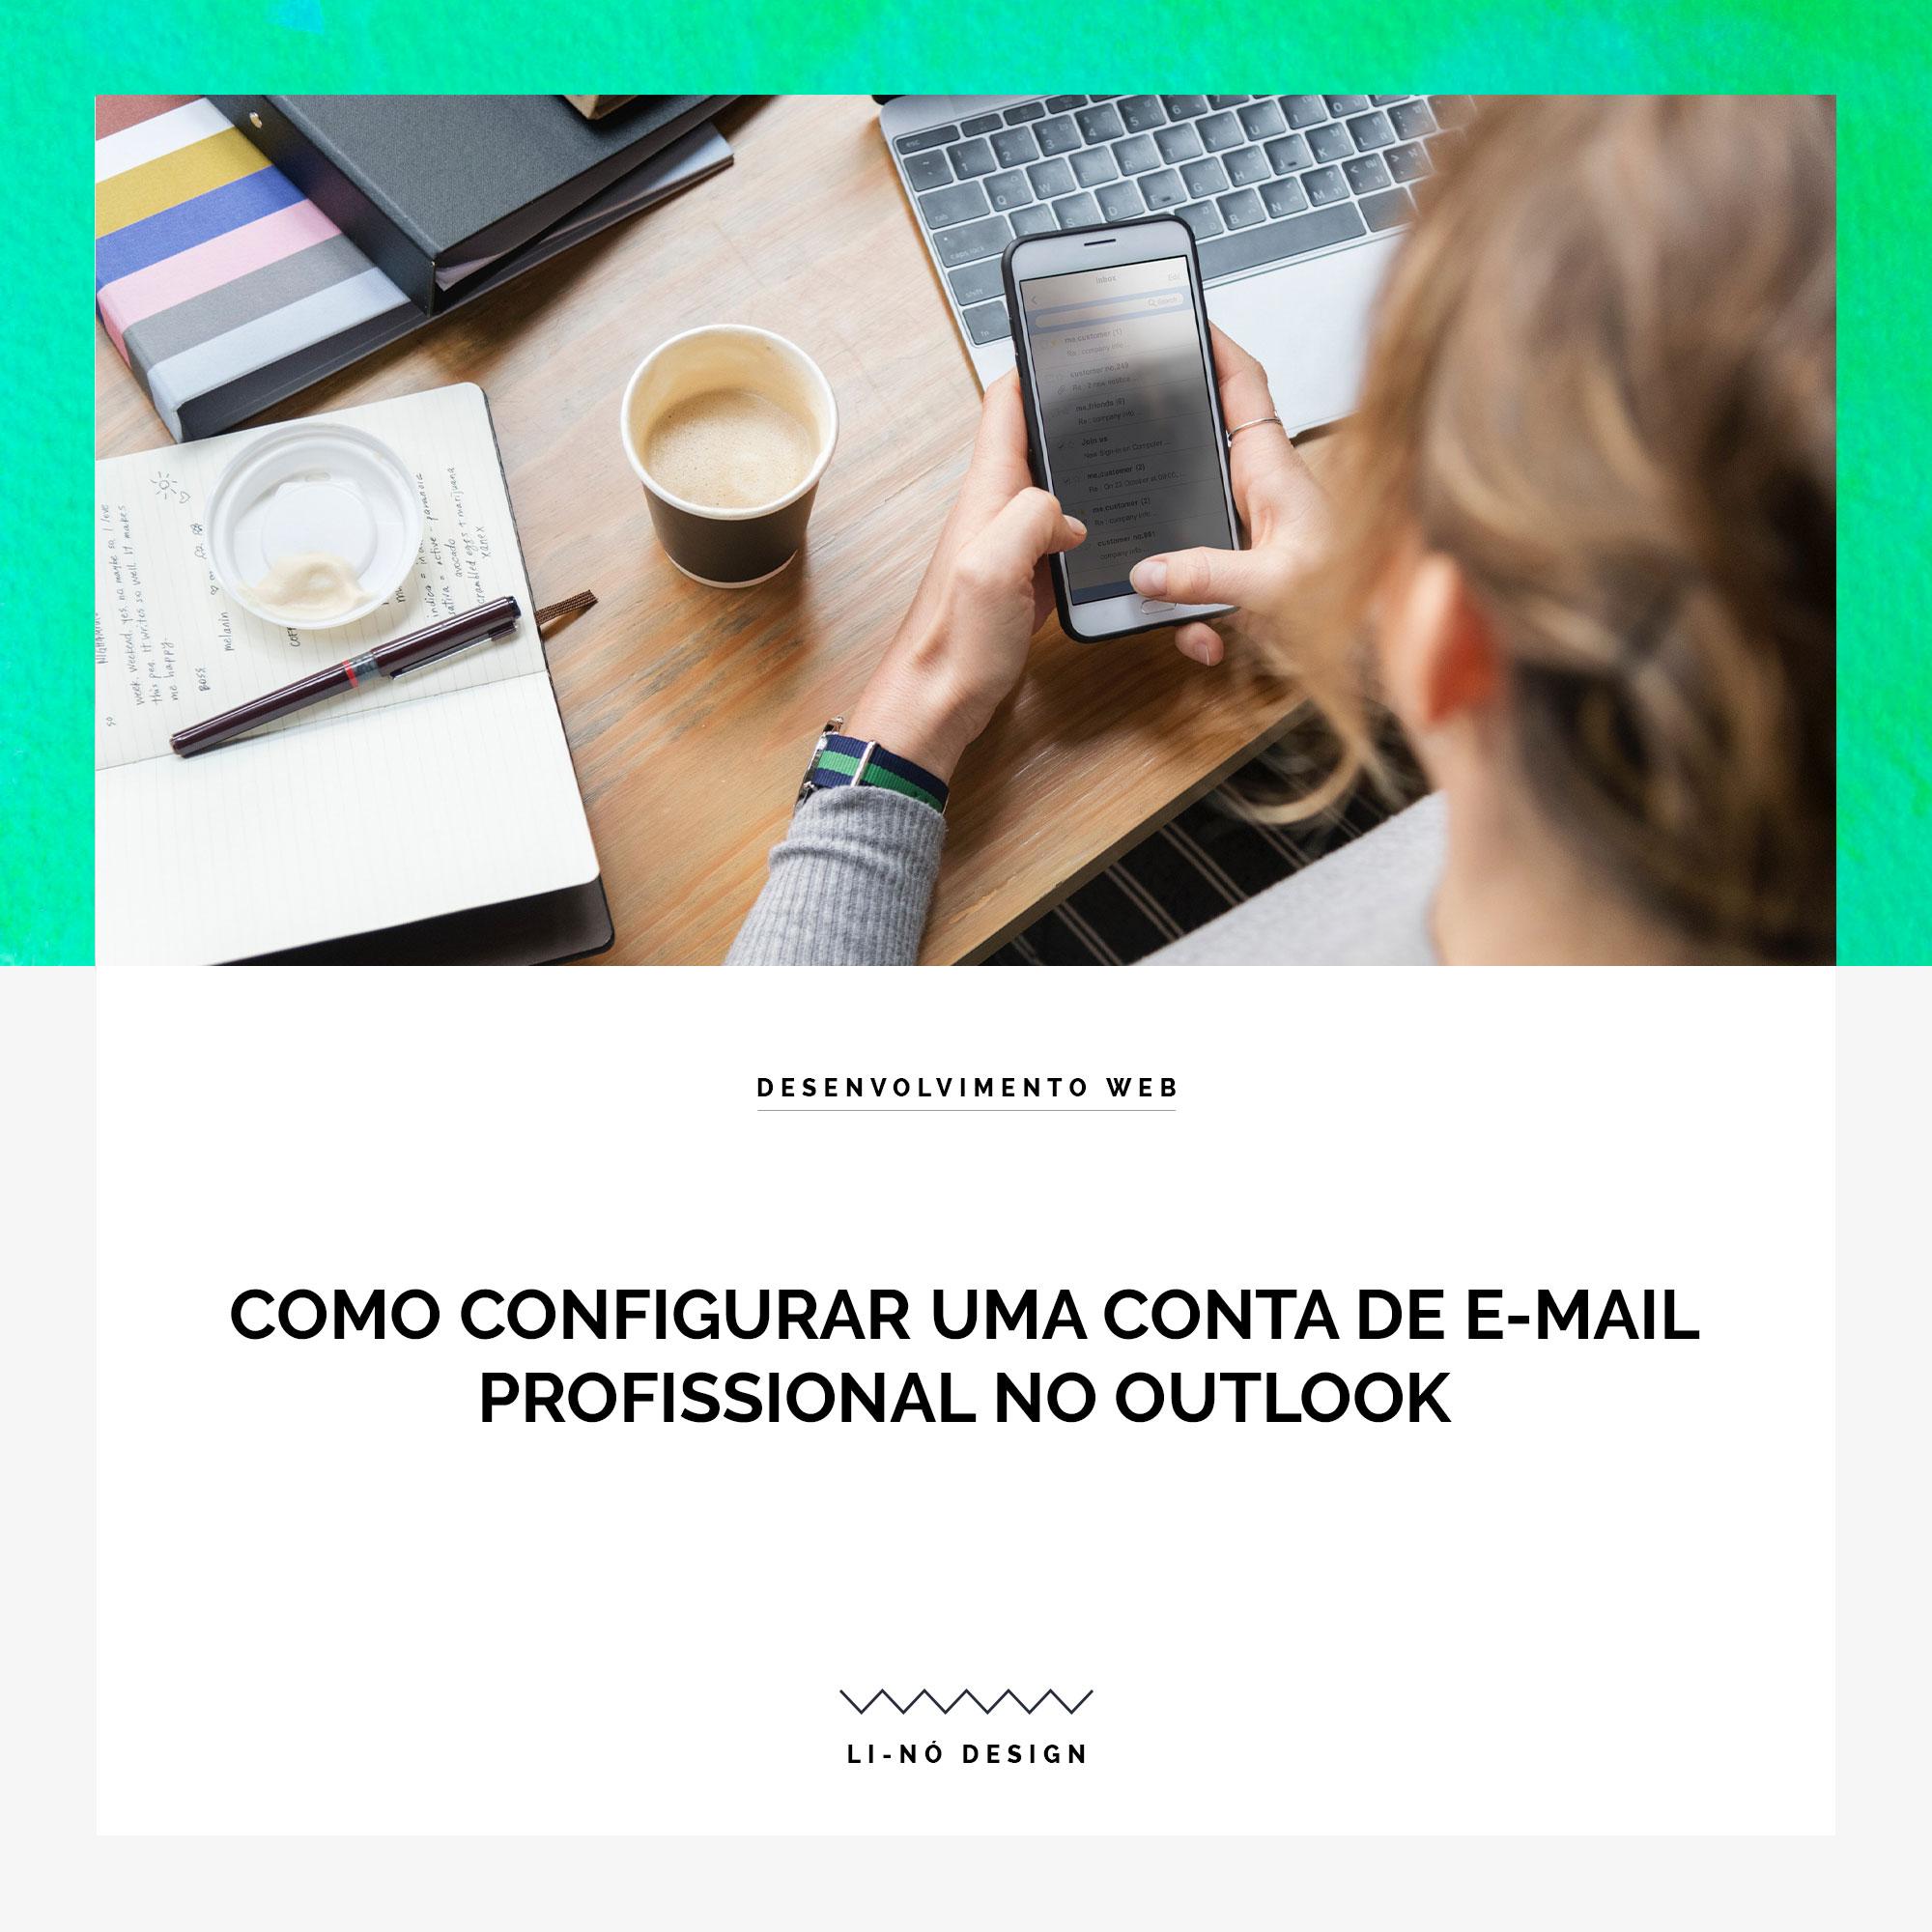 Configurar conta de email com outlook